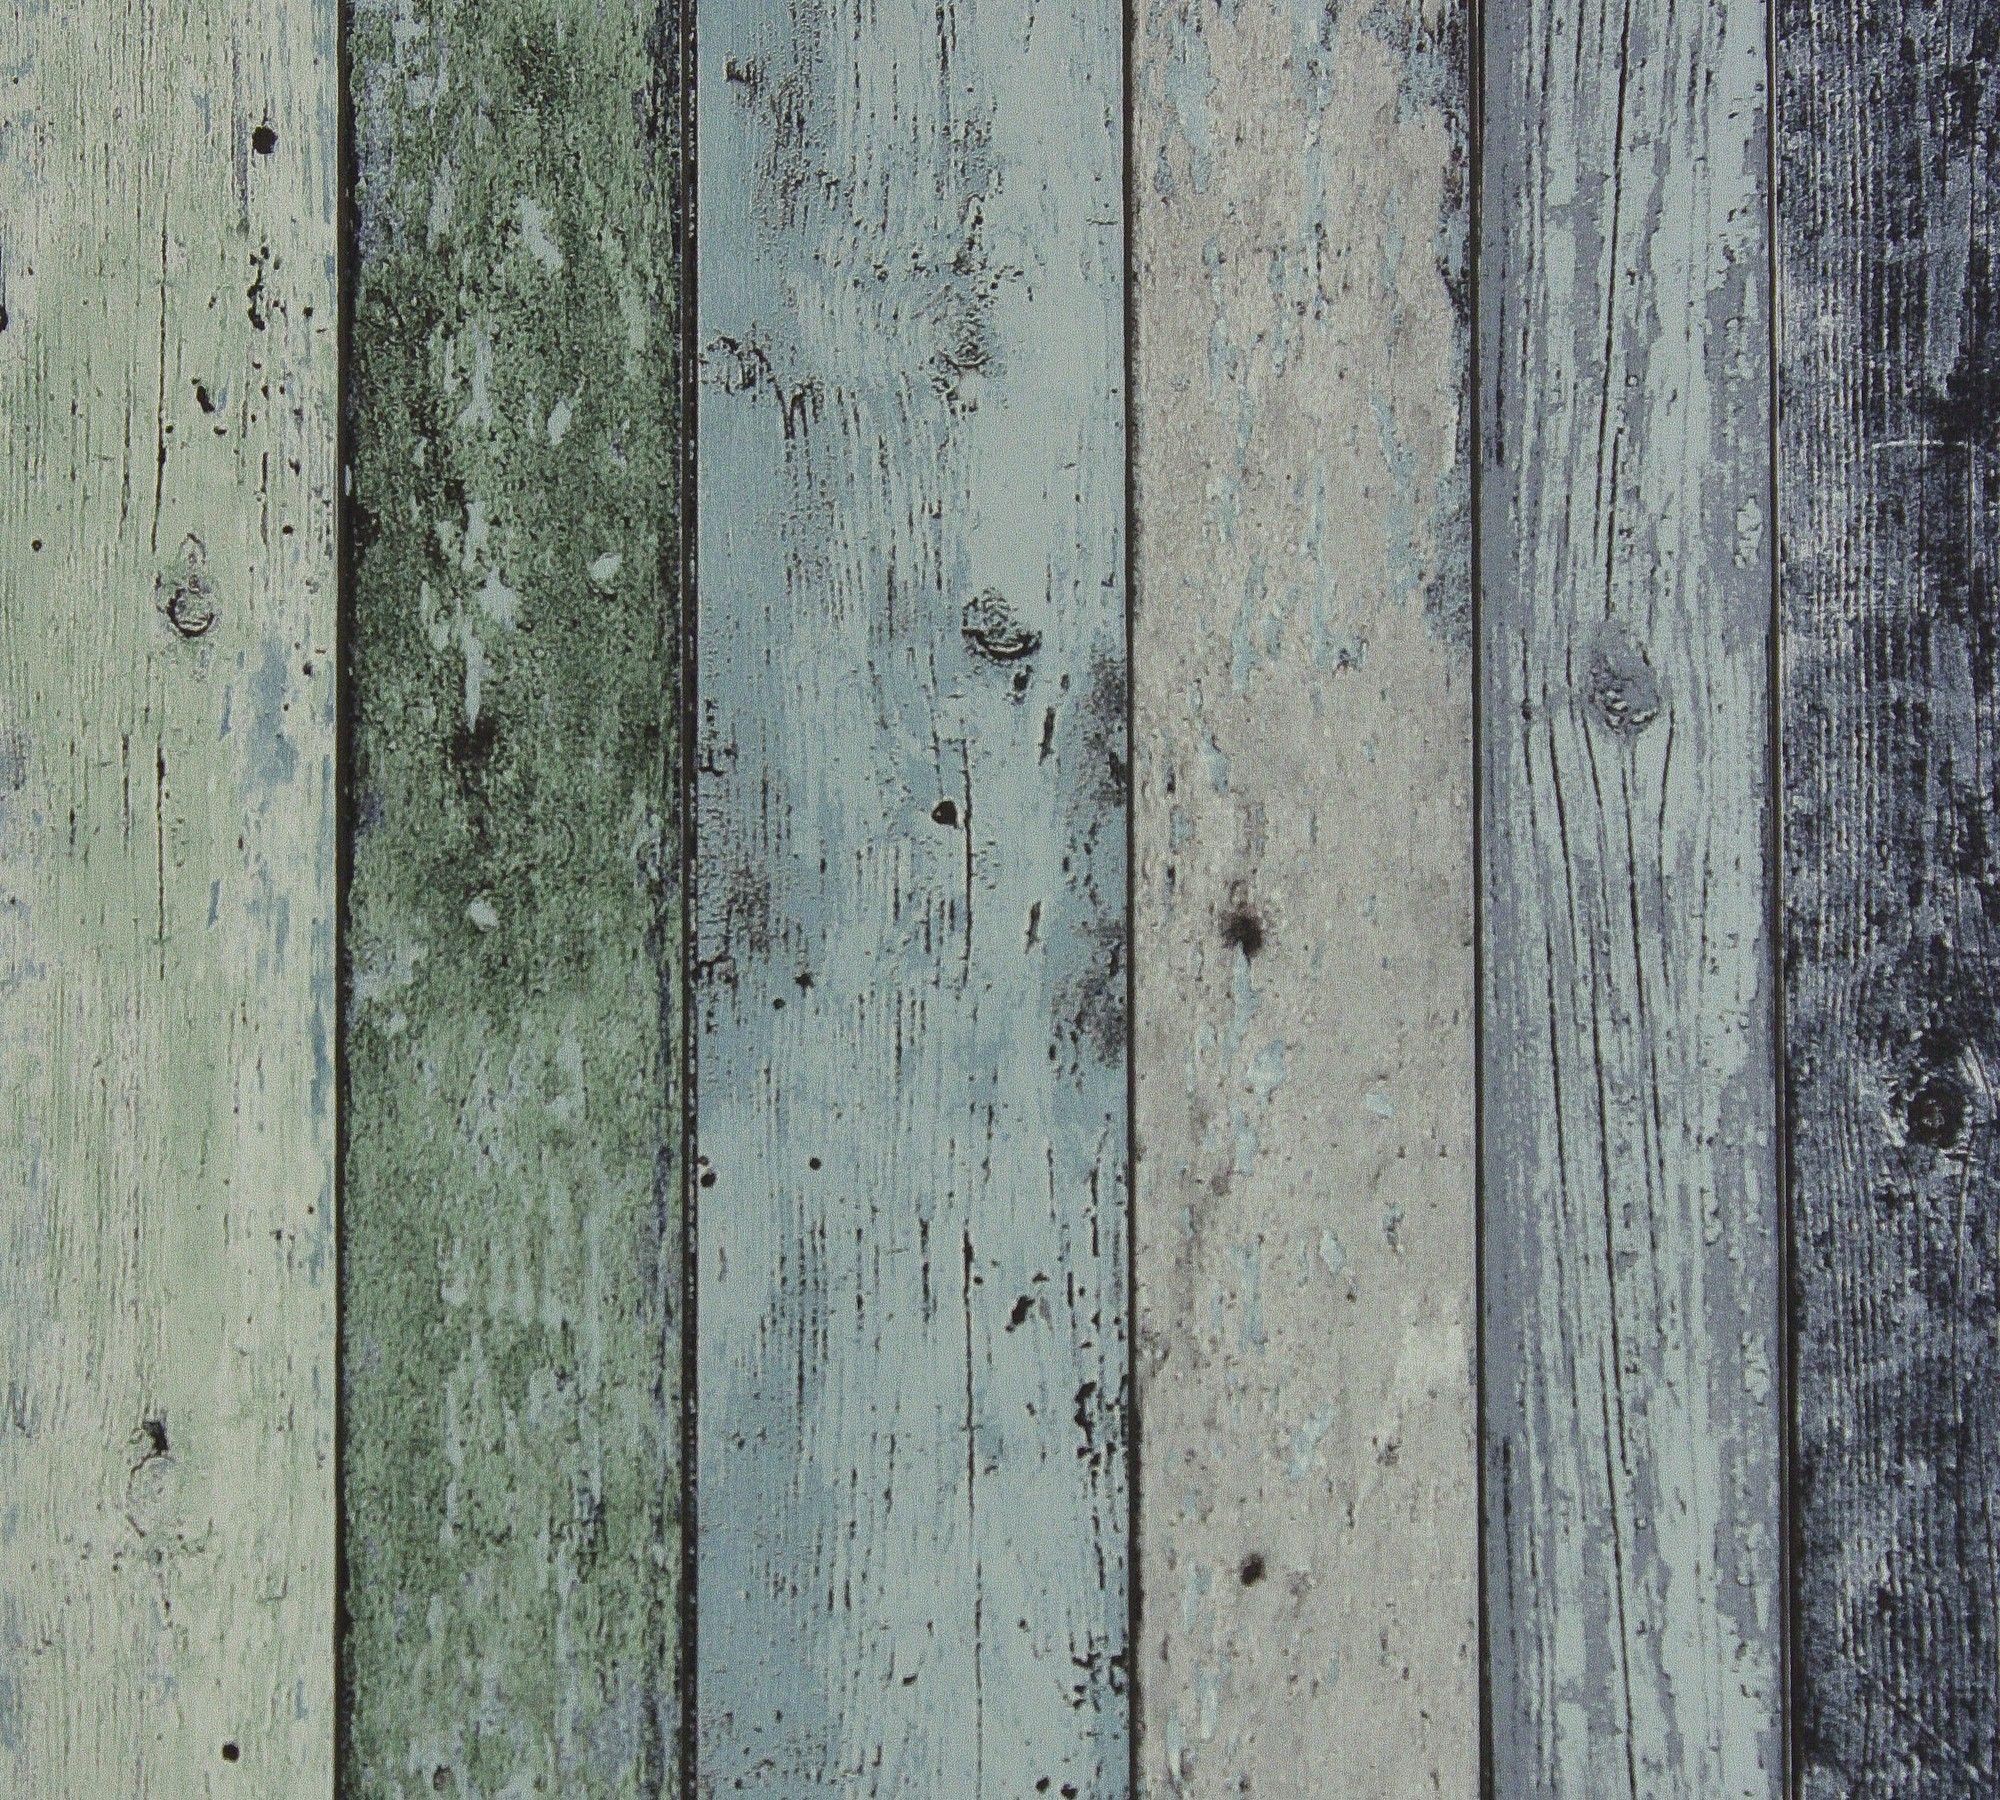 Steigerhout Vliesbehang Antiek Groen  Blauw bij Behangwebshop   Overige dingen die ik leuk vind